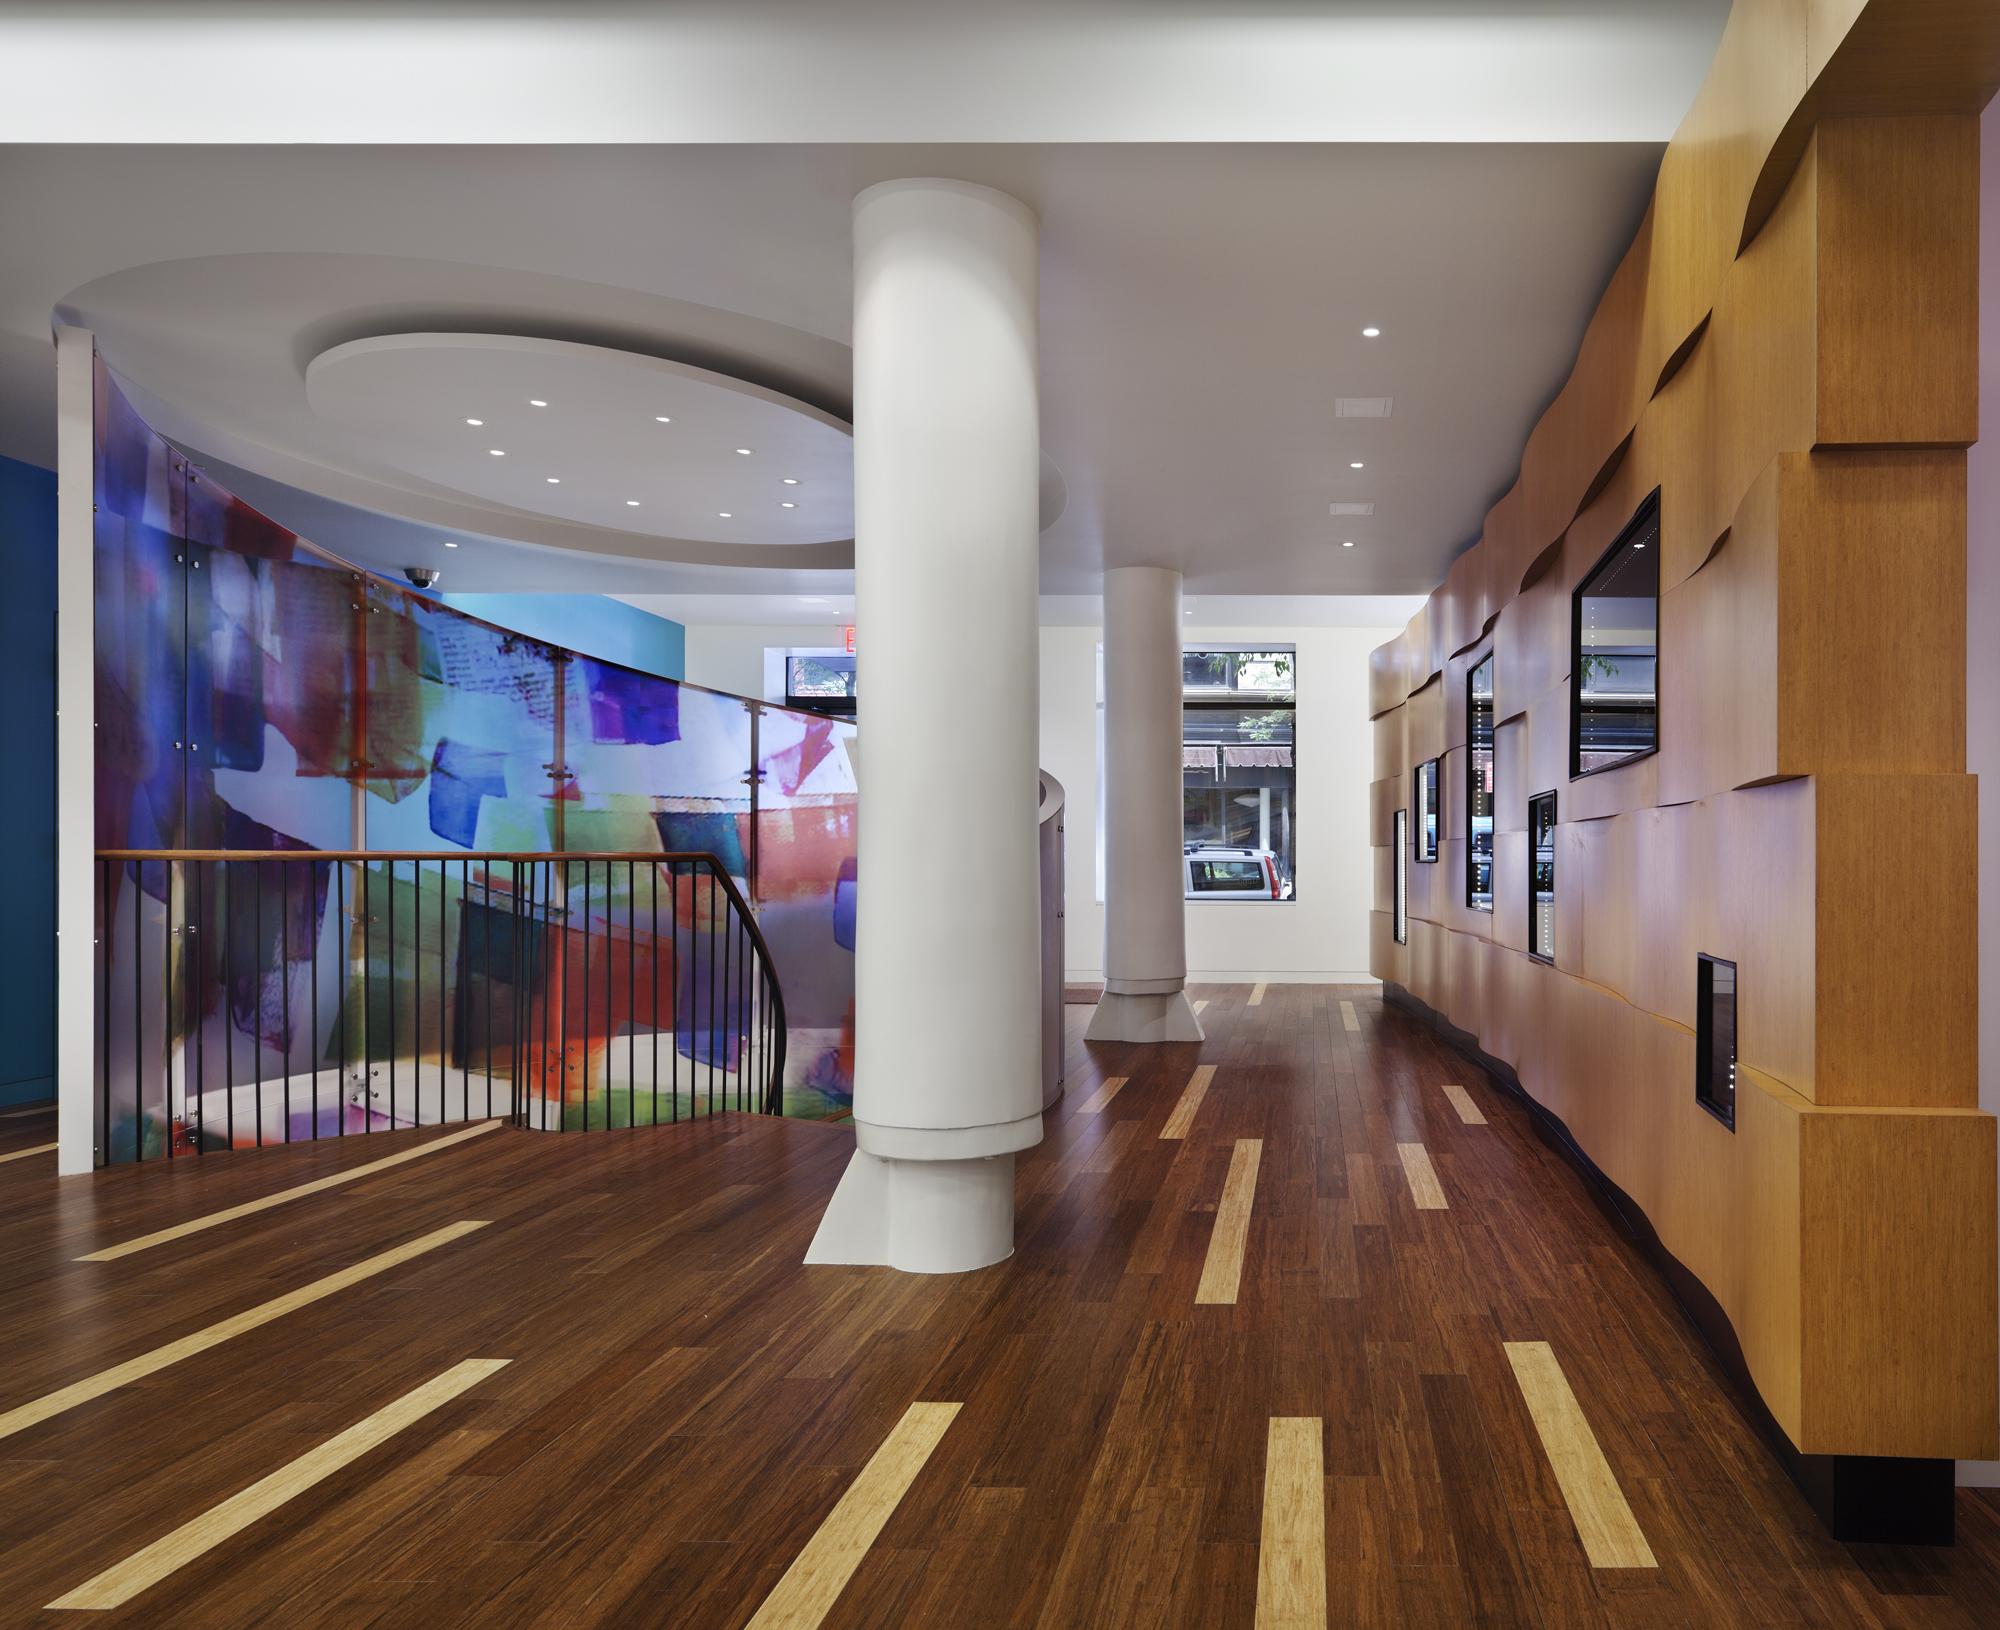 Rubin Museum Of Art - Education Center Skolnick